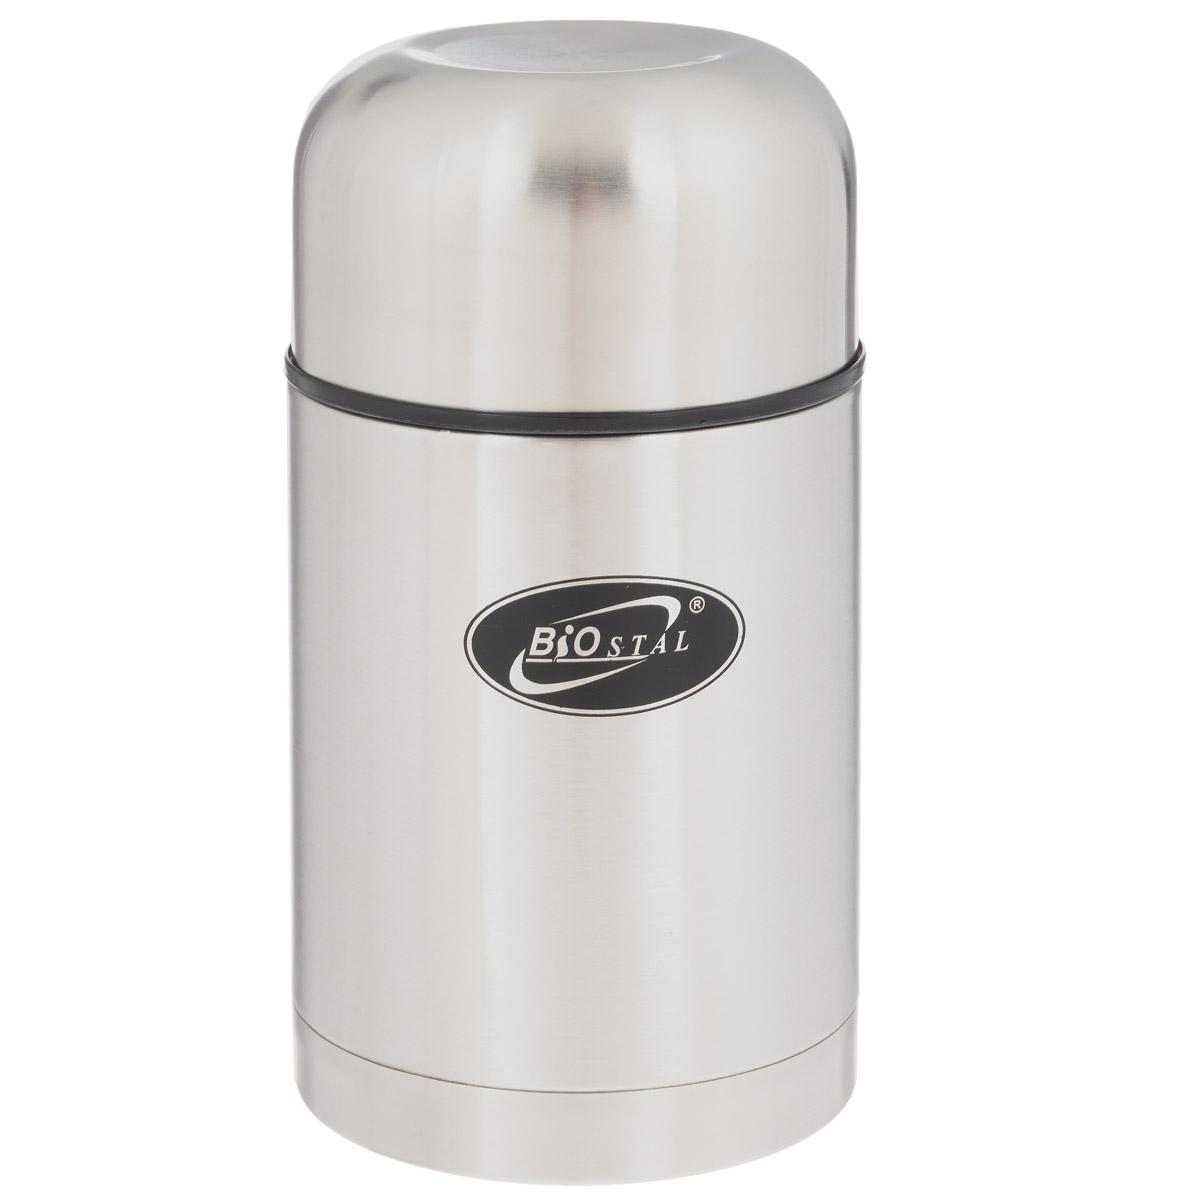 Термос BIOSTAL, в чехле, 750 мл. NT-750NT-750Пищевой термос с широким горлом BIOSTAL, изготовленный из высококачественной нержавеющей стали, относится к классической серии. Термосы этой серии, являющейся лидером продаж, просты в использовании, экономичны и многофункциональны. Термос с широким горлом предназначен для хранения горячей и холодной пищи, замороженных продуктов, мороженного, фруктов и льда и укомплектован пробкой с клапаном. Такая пробка обладает дополнительной теплоизоляцией и позволяет термосу дольше хранить тепло (до 24 часов), а клапан облегчает его открытие. Изделие также оснащено крышкой-чашкой и текстильным чехлом для хранения и переноски термоса. Легкий и прочный термос BIOSTAL сохранит ваши напитки горячими или холодными надолго. Высота (с учетом крышки): 19 см. Диаметр горлышка: 8 см.